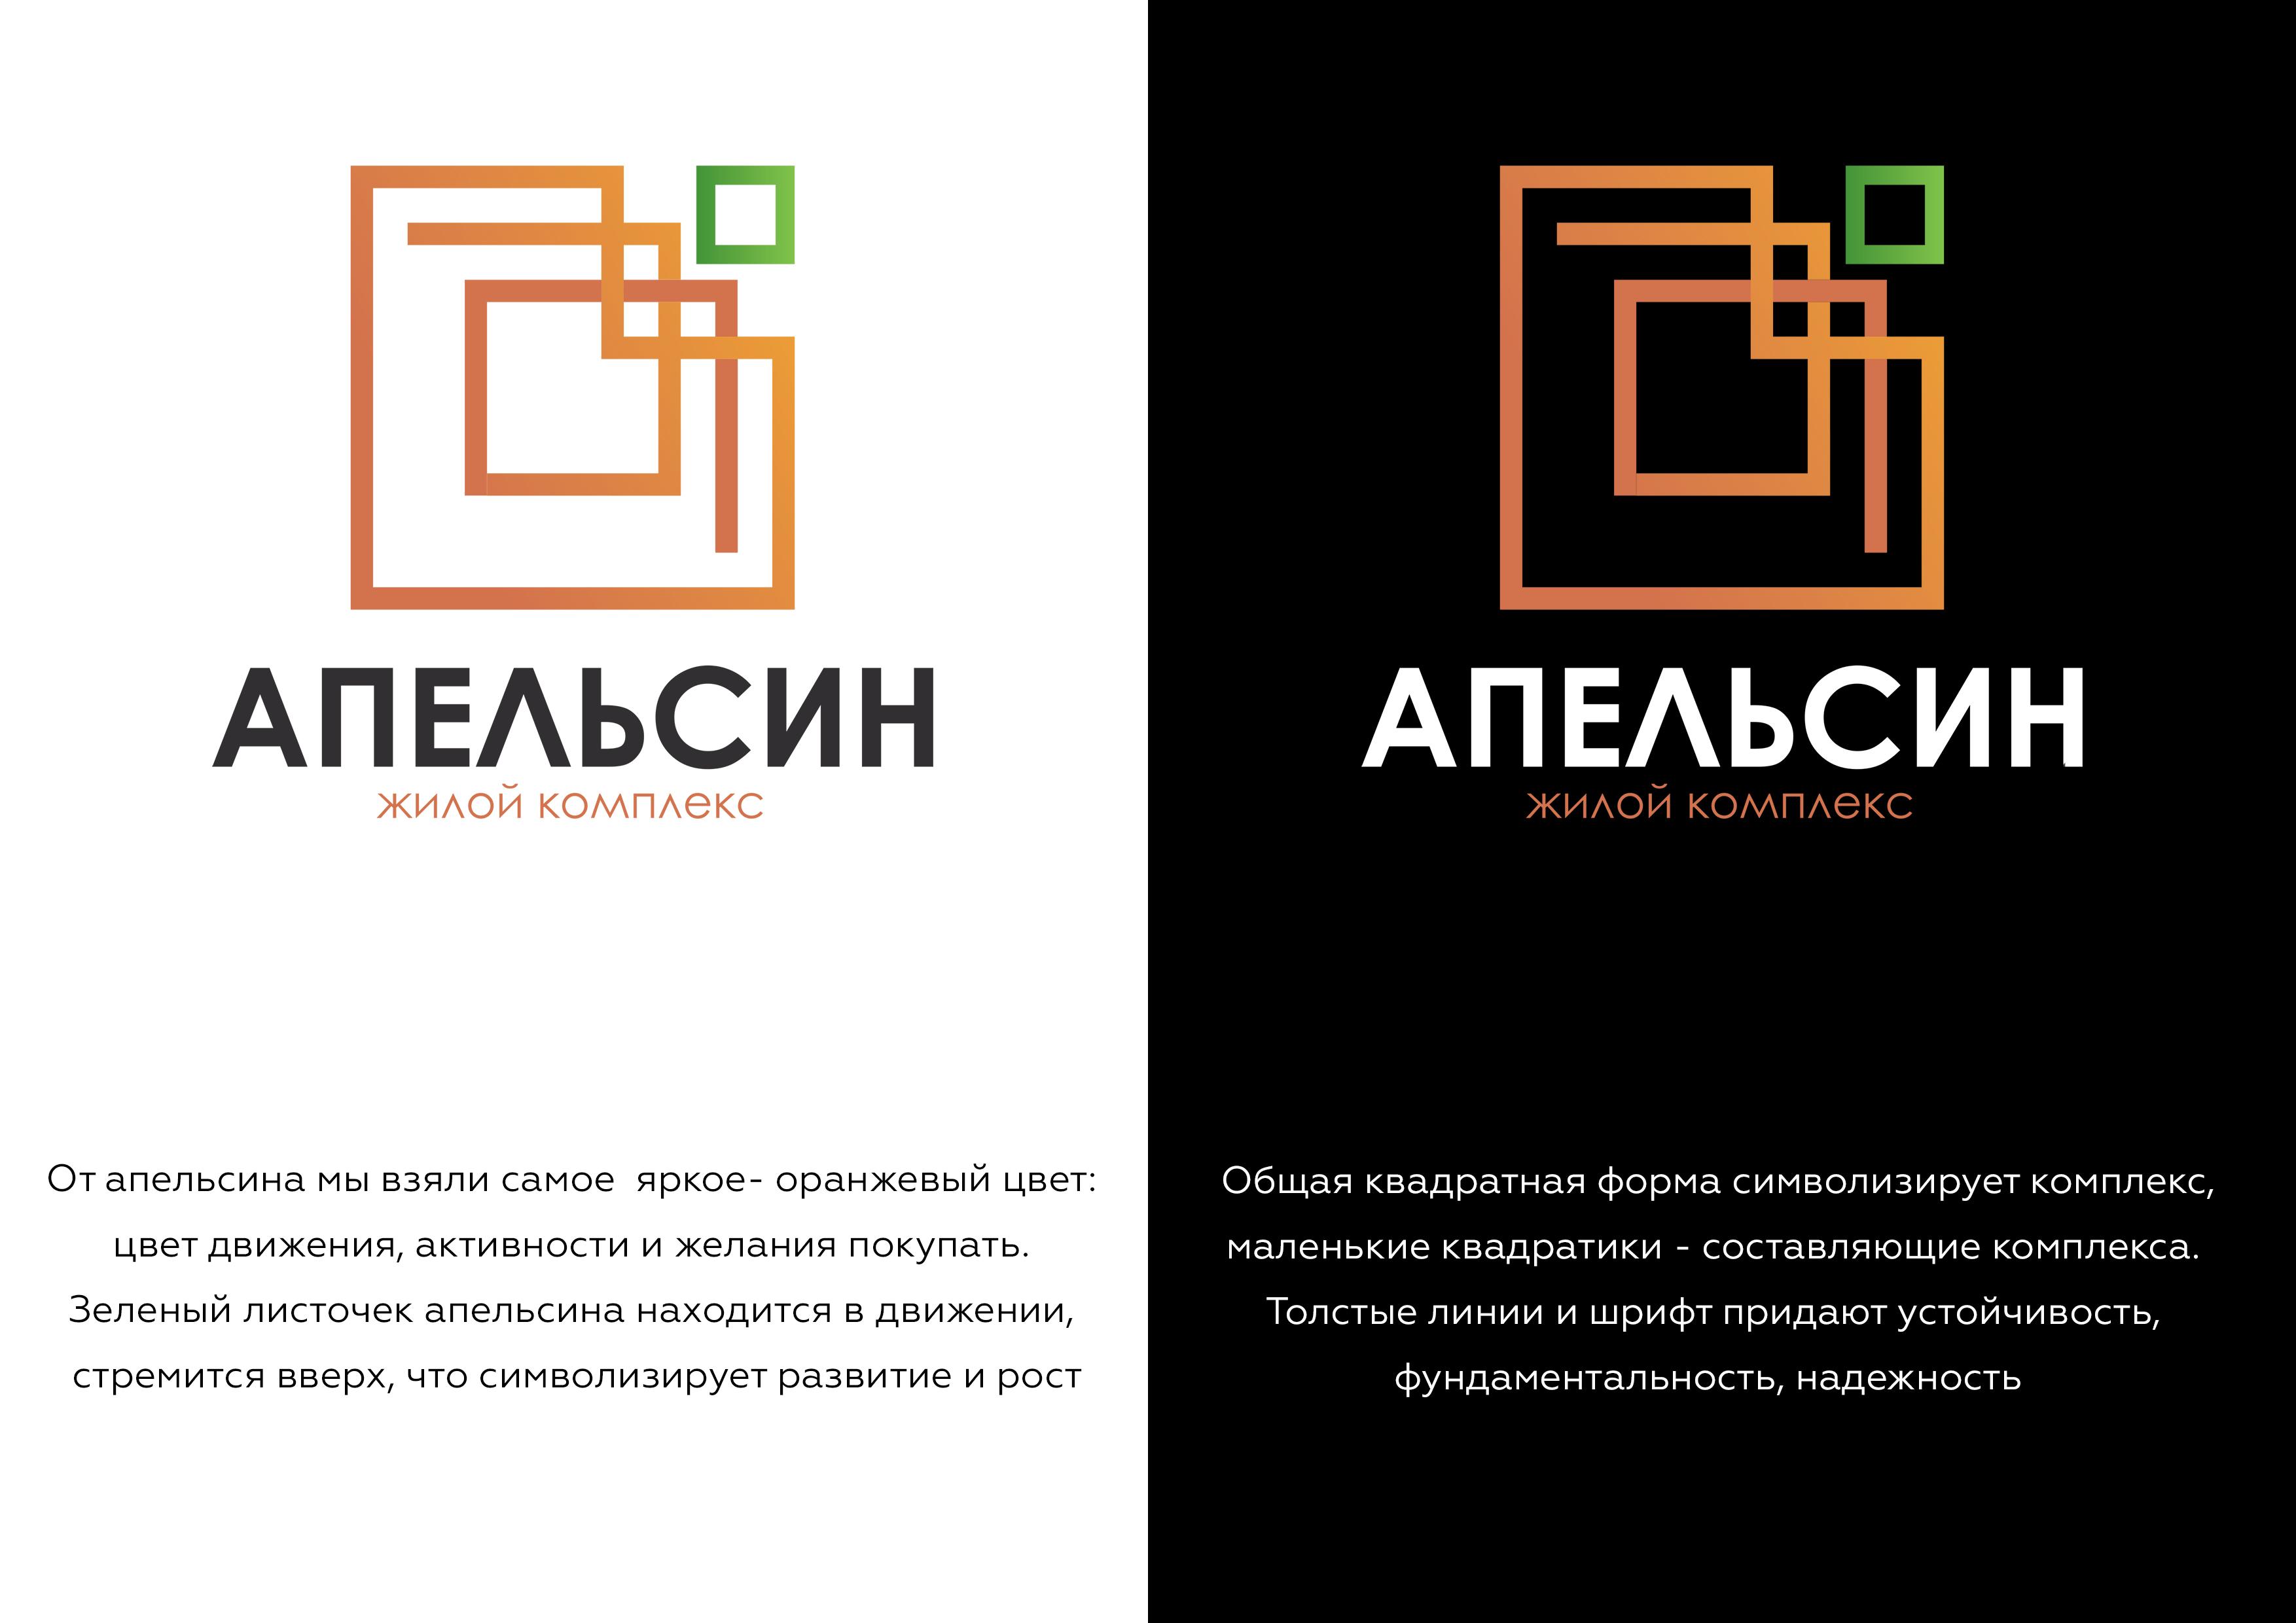 Логотип и фирменный стиль фото f_1785a6c584f6c743.jpg